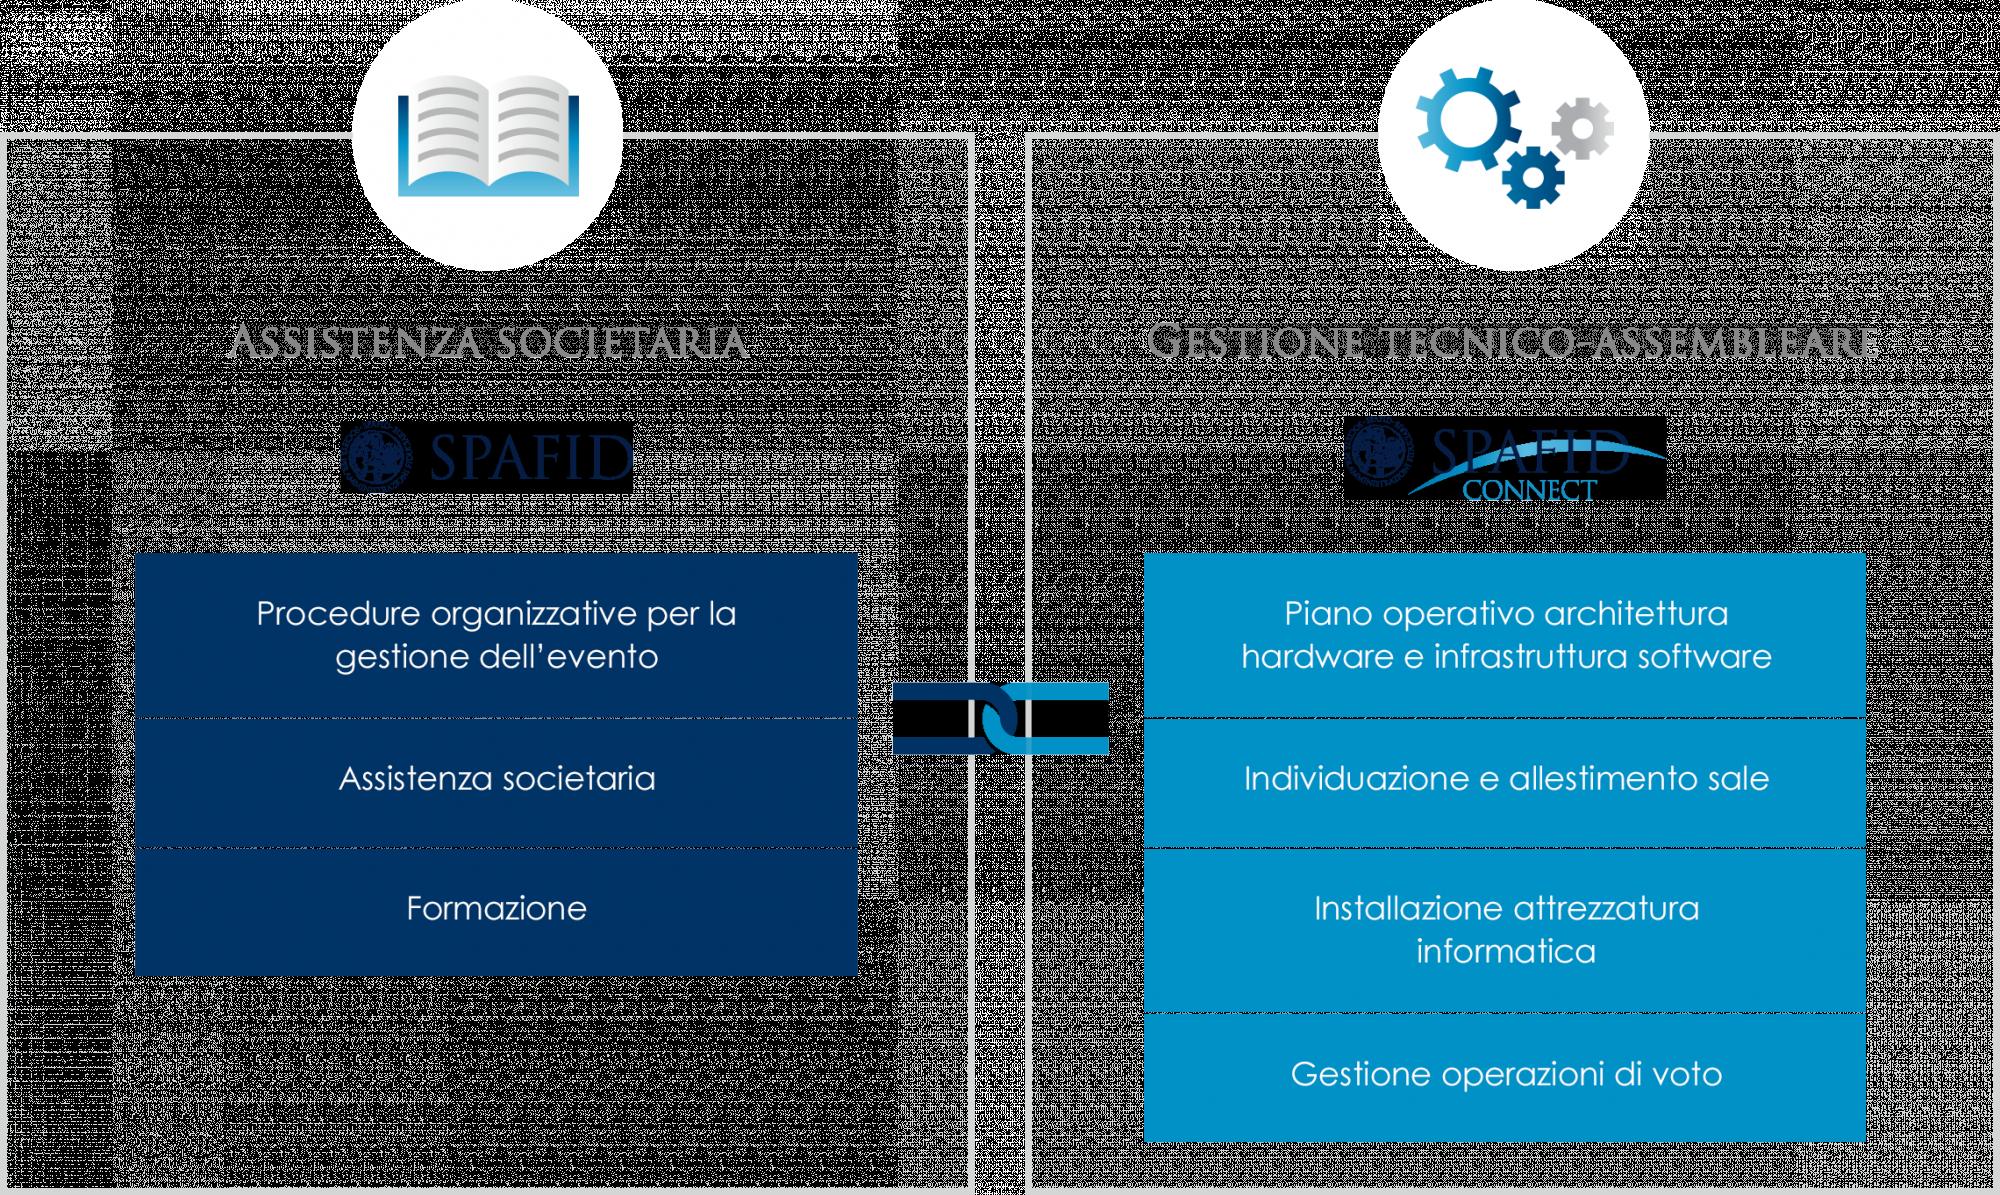 Spafid e Spafid Connect - Assistenza societaria e gestione tecnico-assembleare